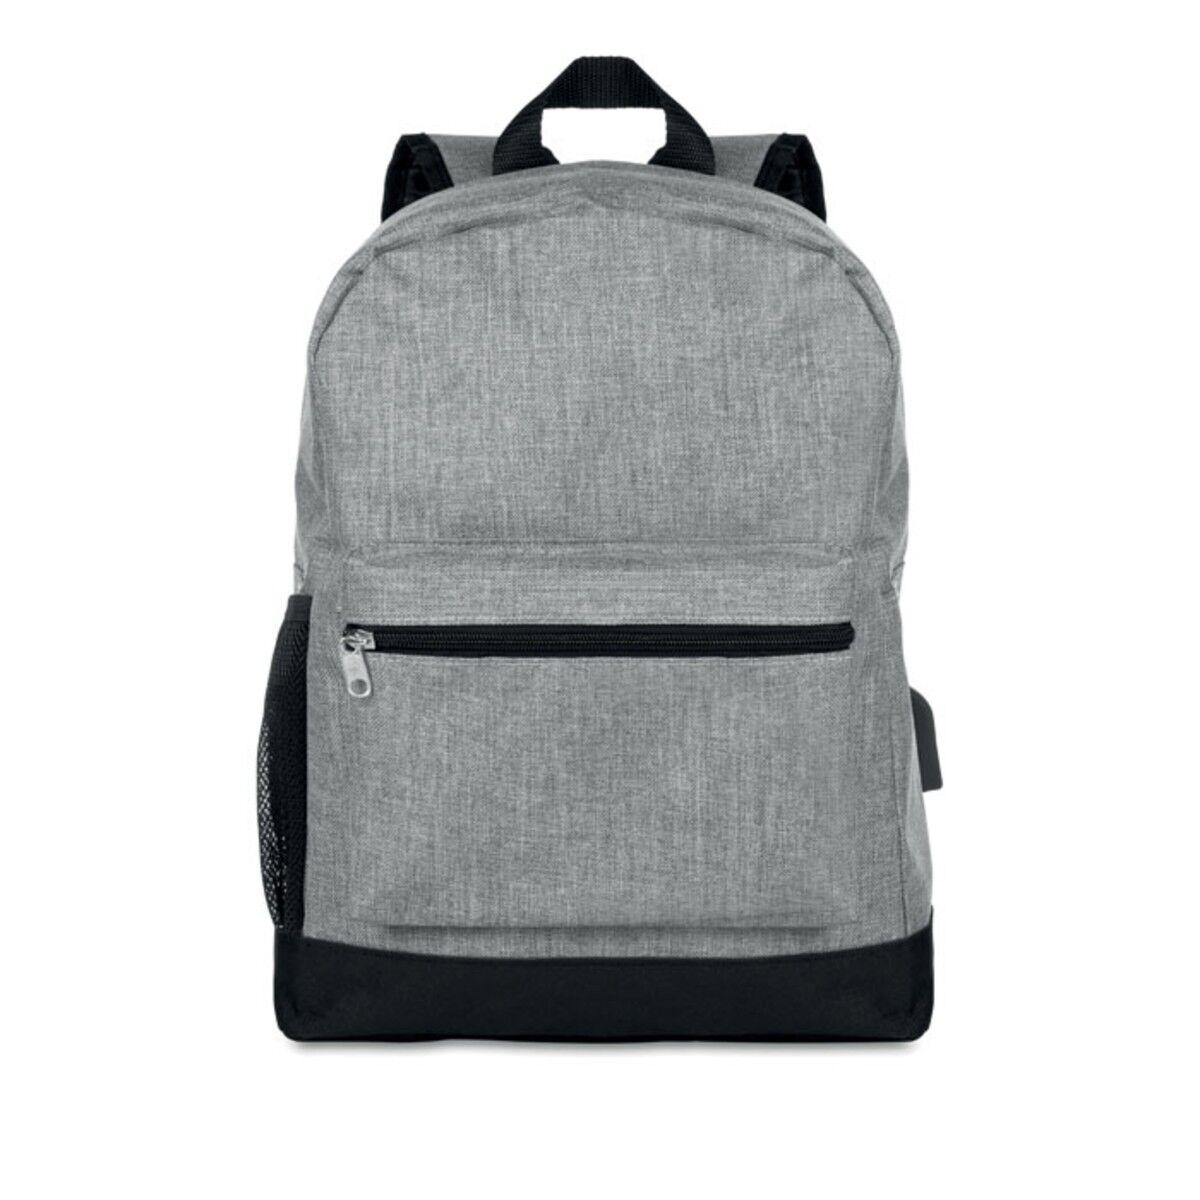 RFID Backpack in Grey